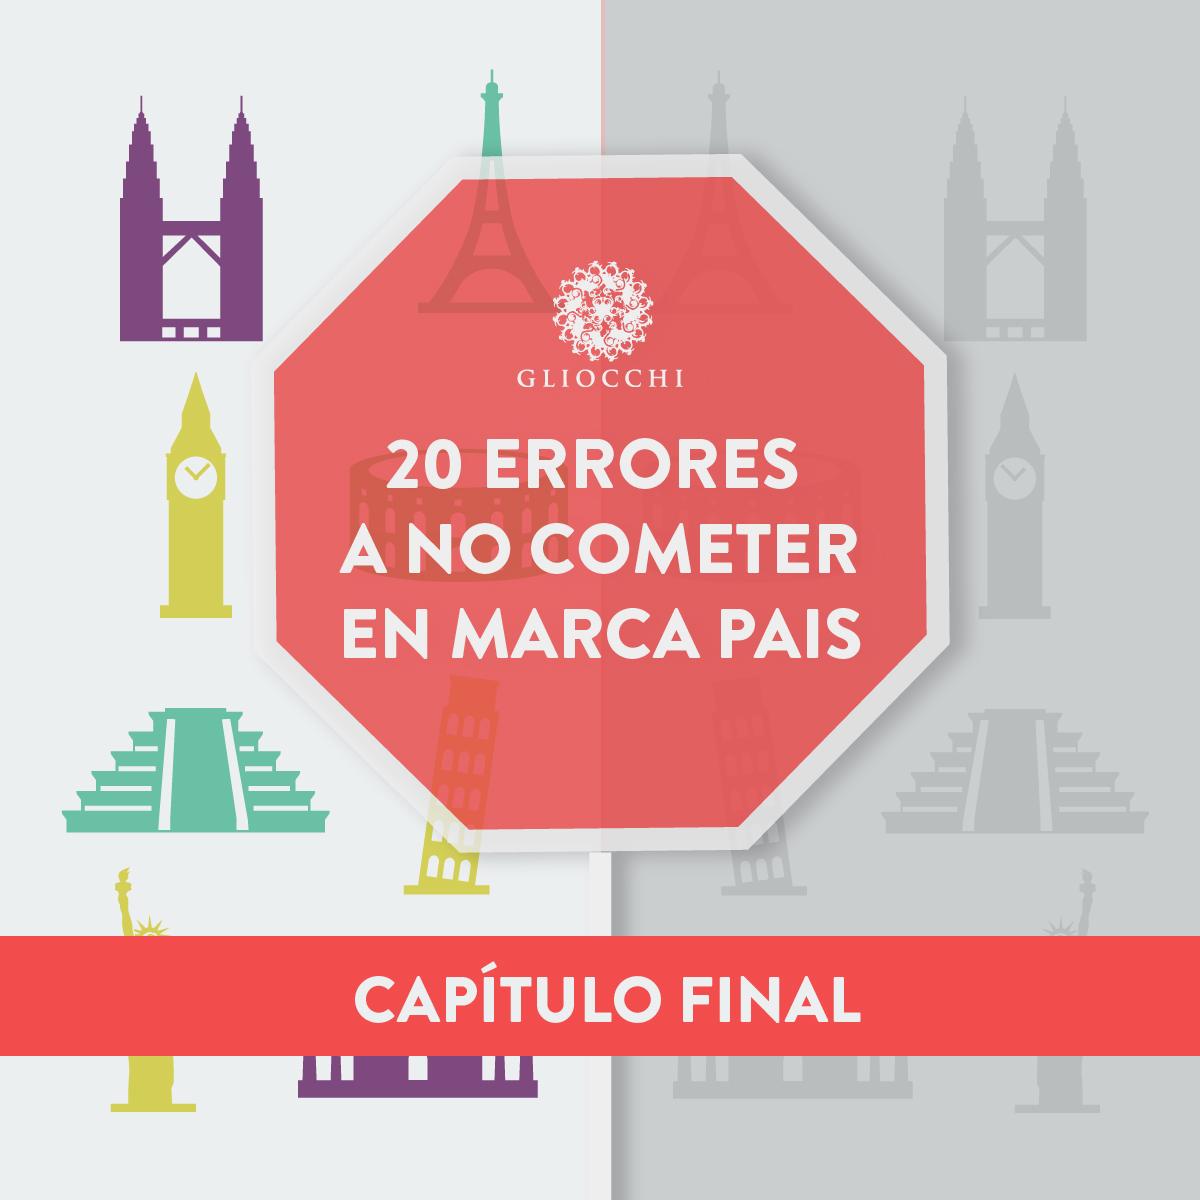 20 ERRORES A NO COMETER EN MARCA PAÍS (Capítulo final)